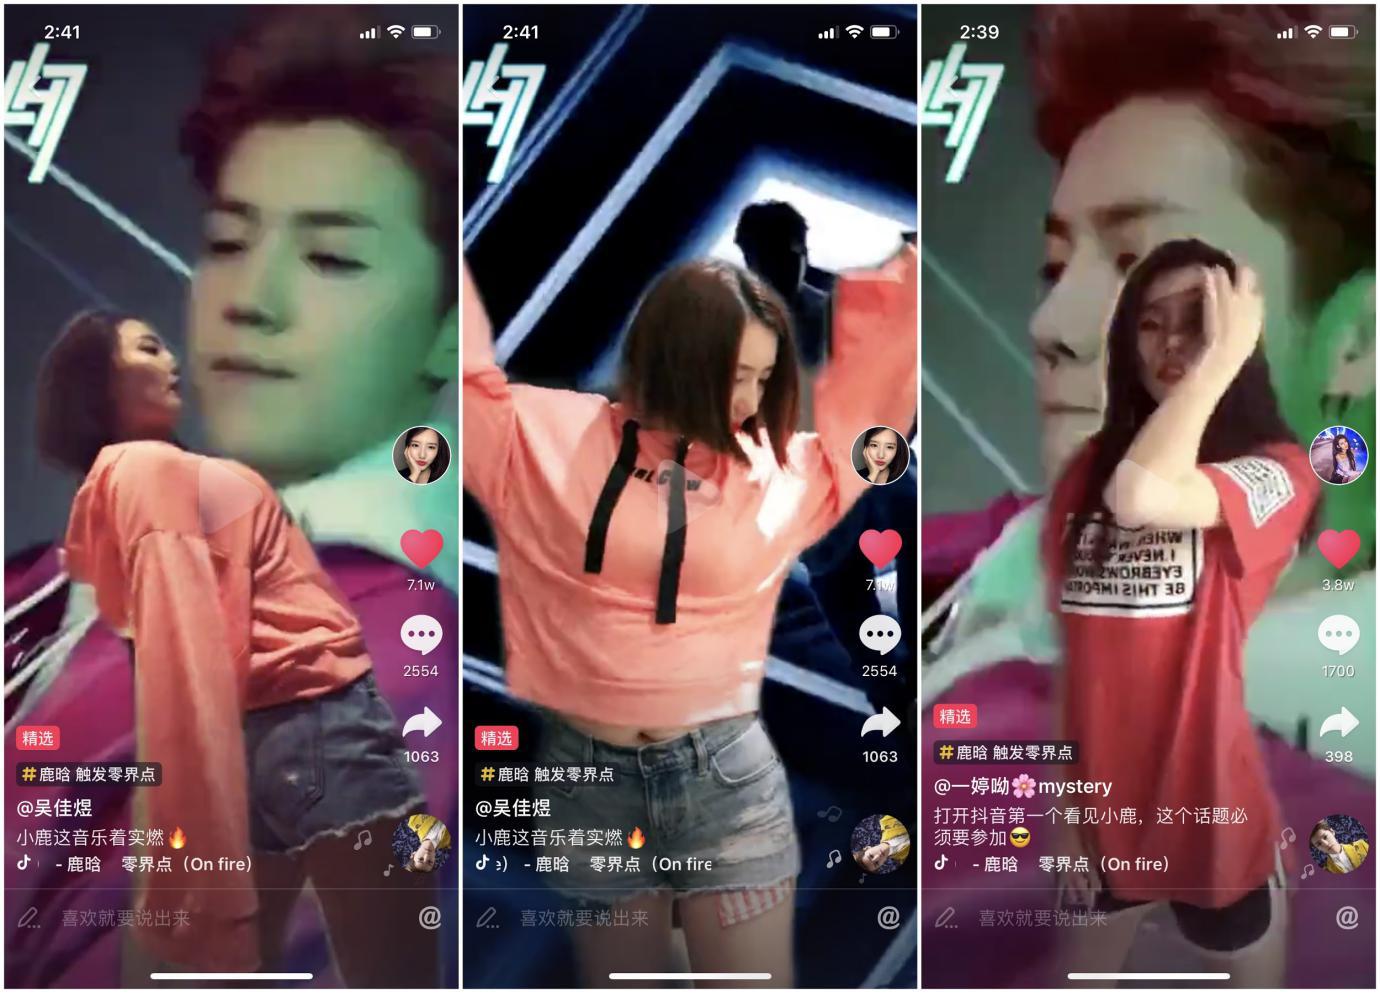 表情 抖音推出新功能 尬舞机 ,力压微信支付宝成App Store第一 搜狐科技 搜狐网 表情